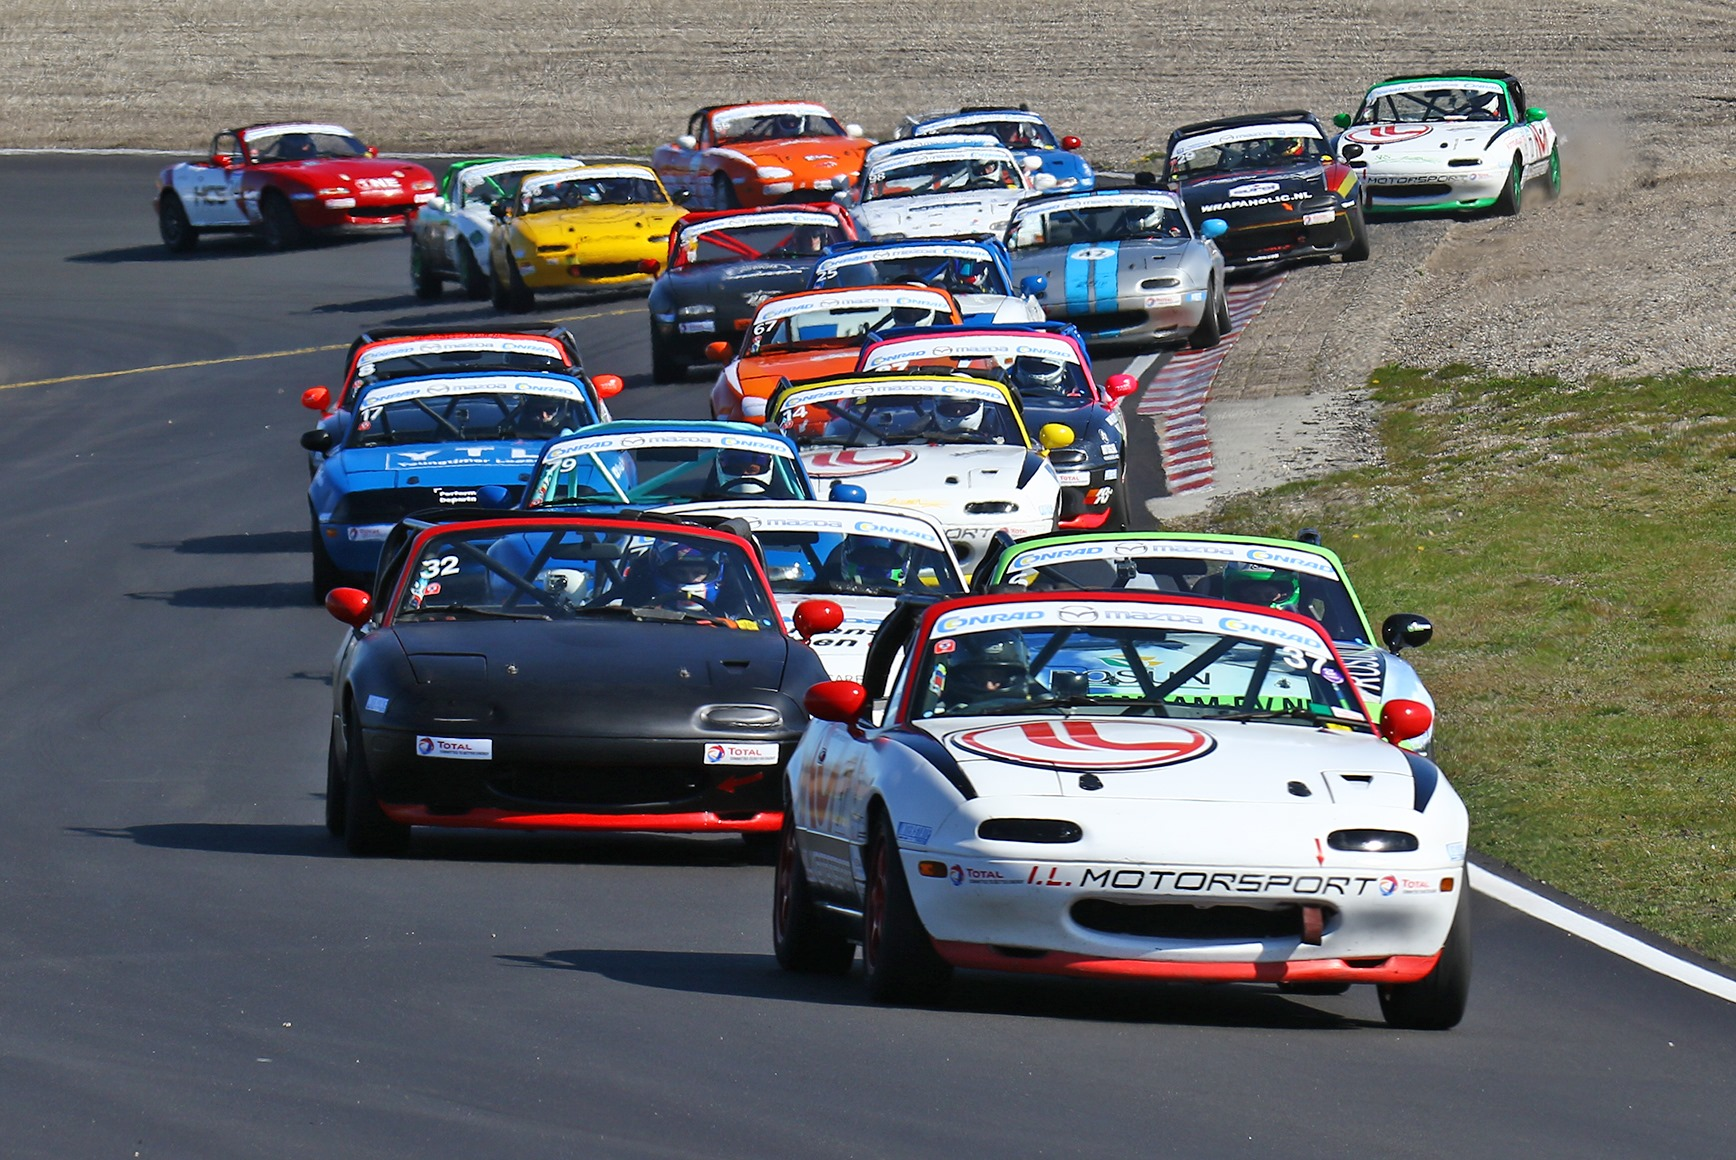 Rijkelijk gevuld programma bij Pinksterraces op Circuit Zandvoort